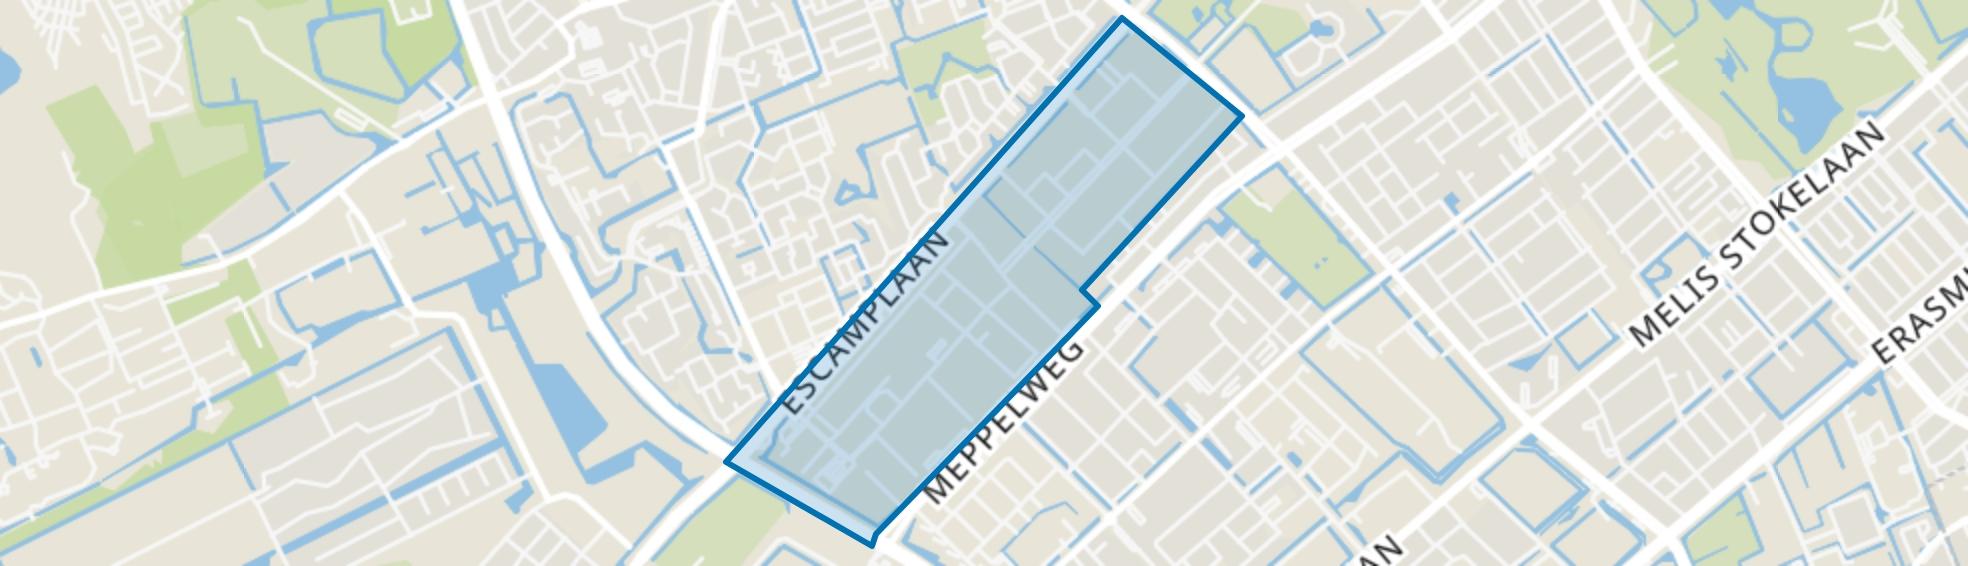 Kerketuinen en Zichtenburg, Den Haag map